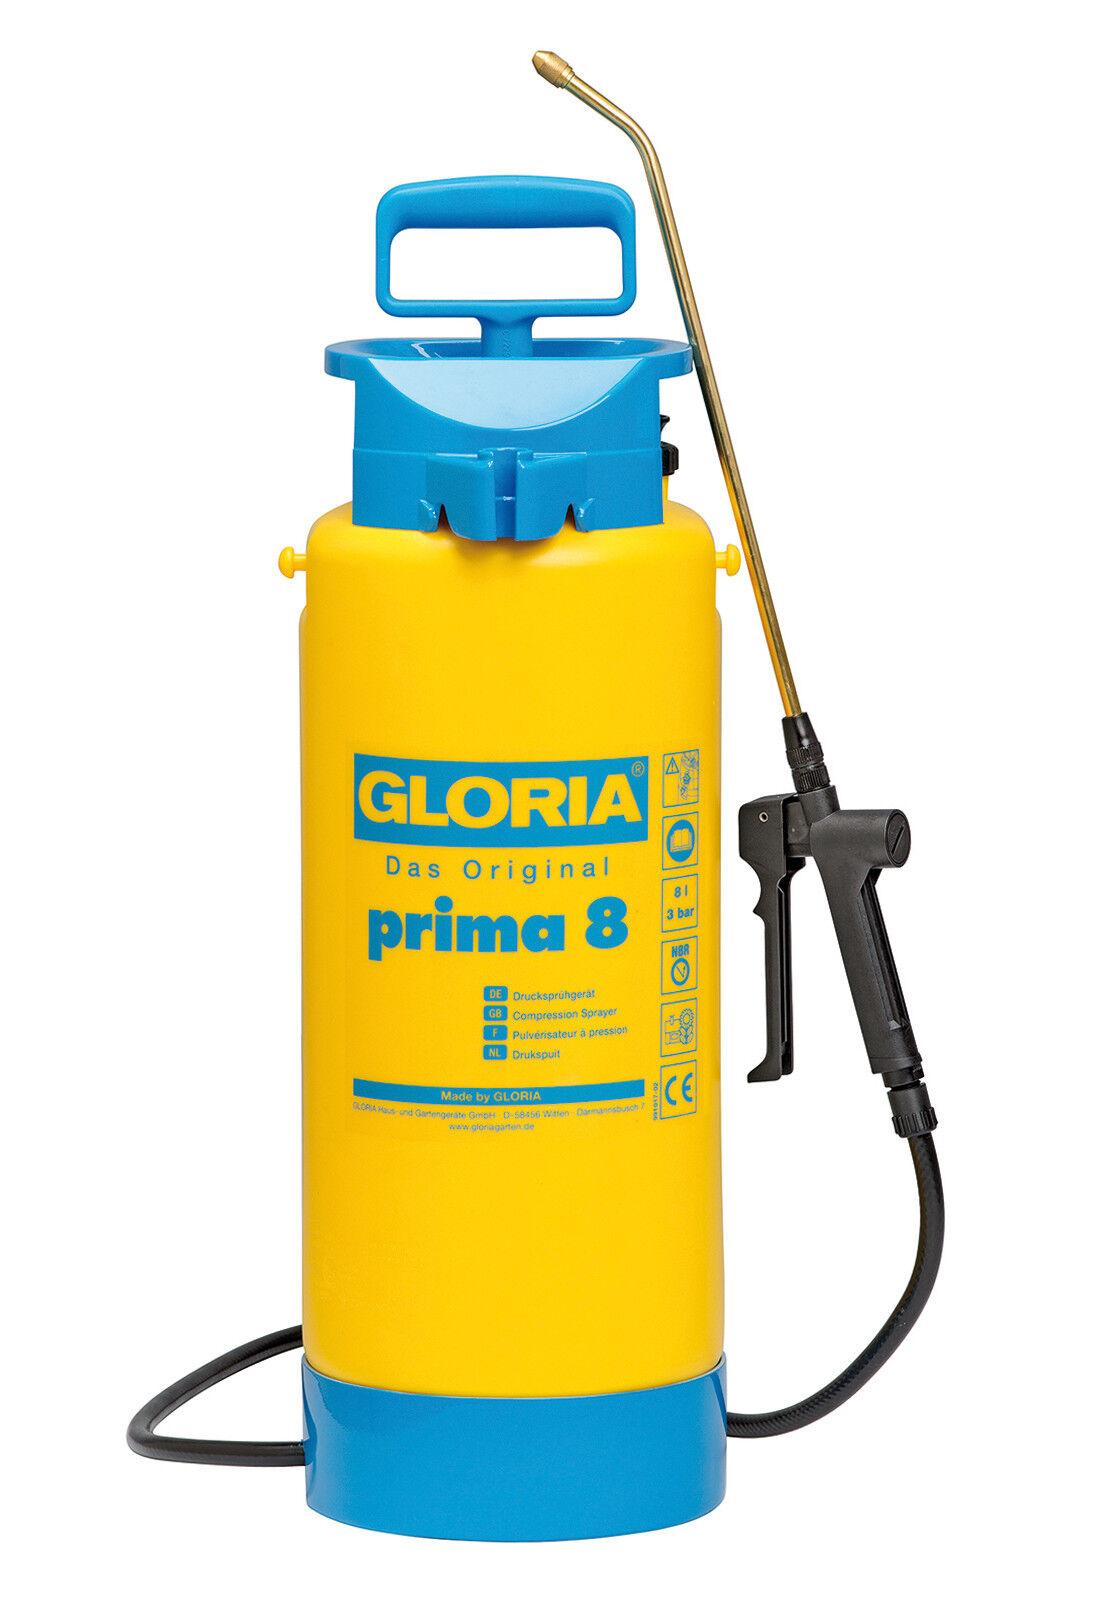 Gloria Pressure Sprayer First 8 Liter New 990000